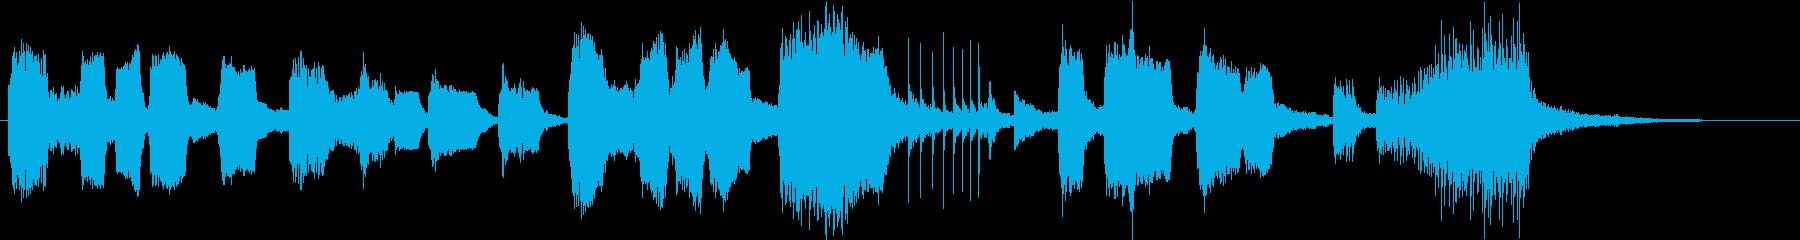 ティーン バラード ファンタジー ...の再生済みの波形